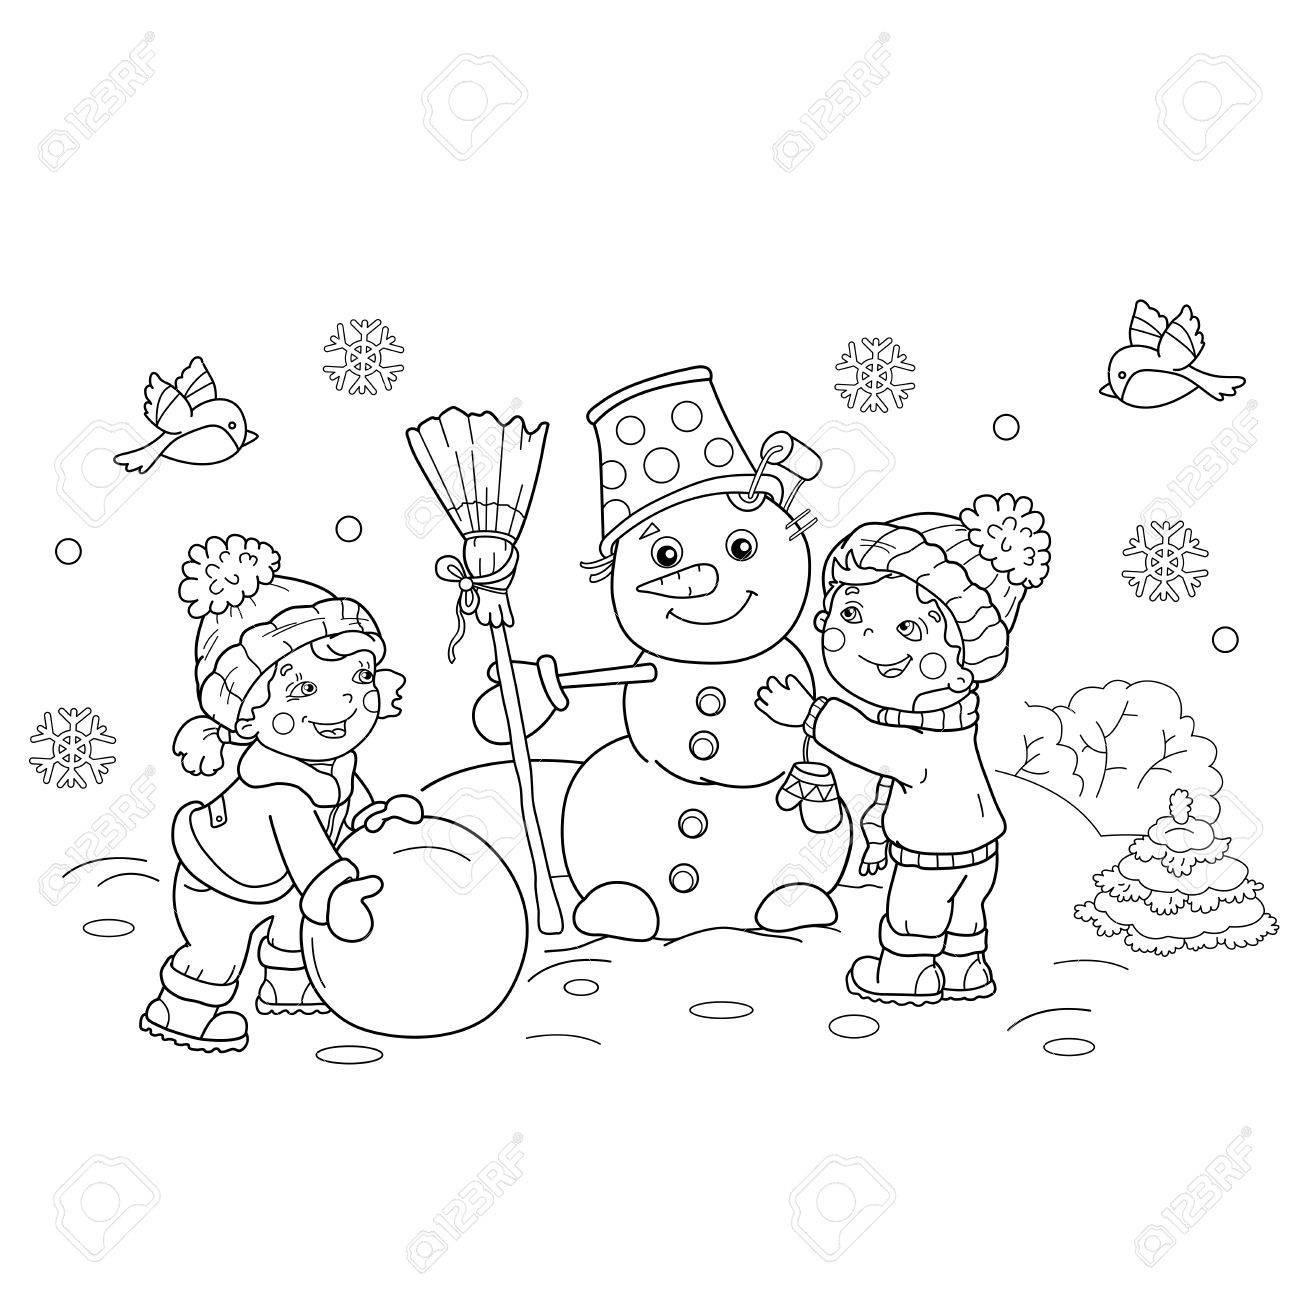 Página Para Colorear Esquema Del Niño De Dibujos Animados Con La Chica Haciendo Nieve Juntos Invierno Libro De Colorear Para Niños